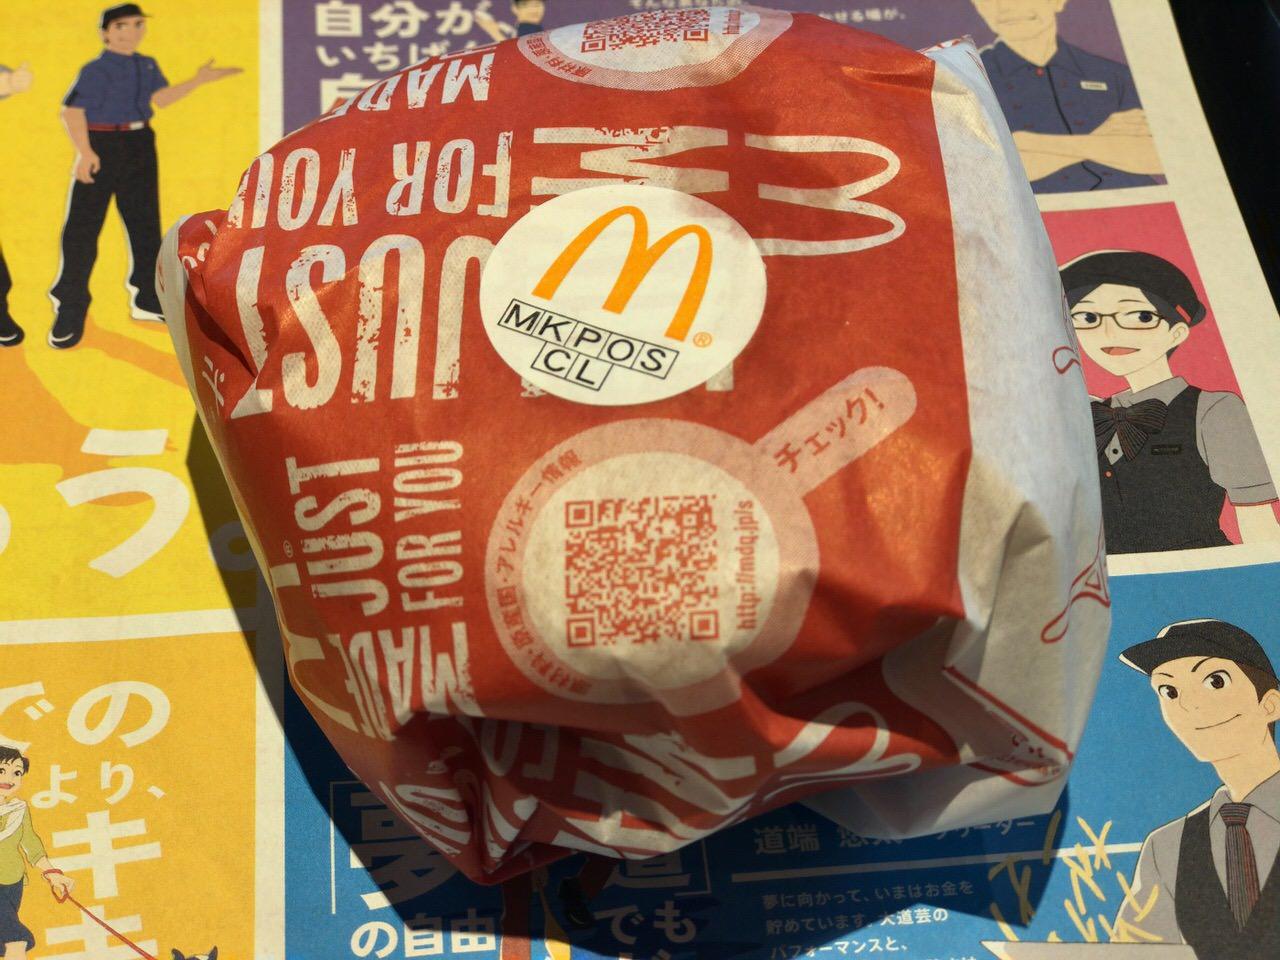 Triple cheese burger 4999